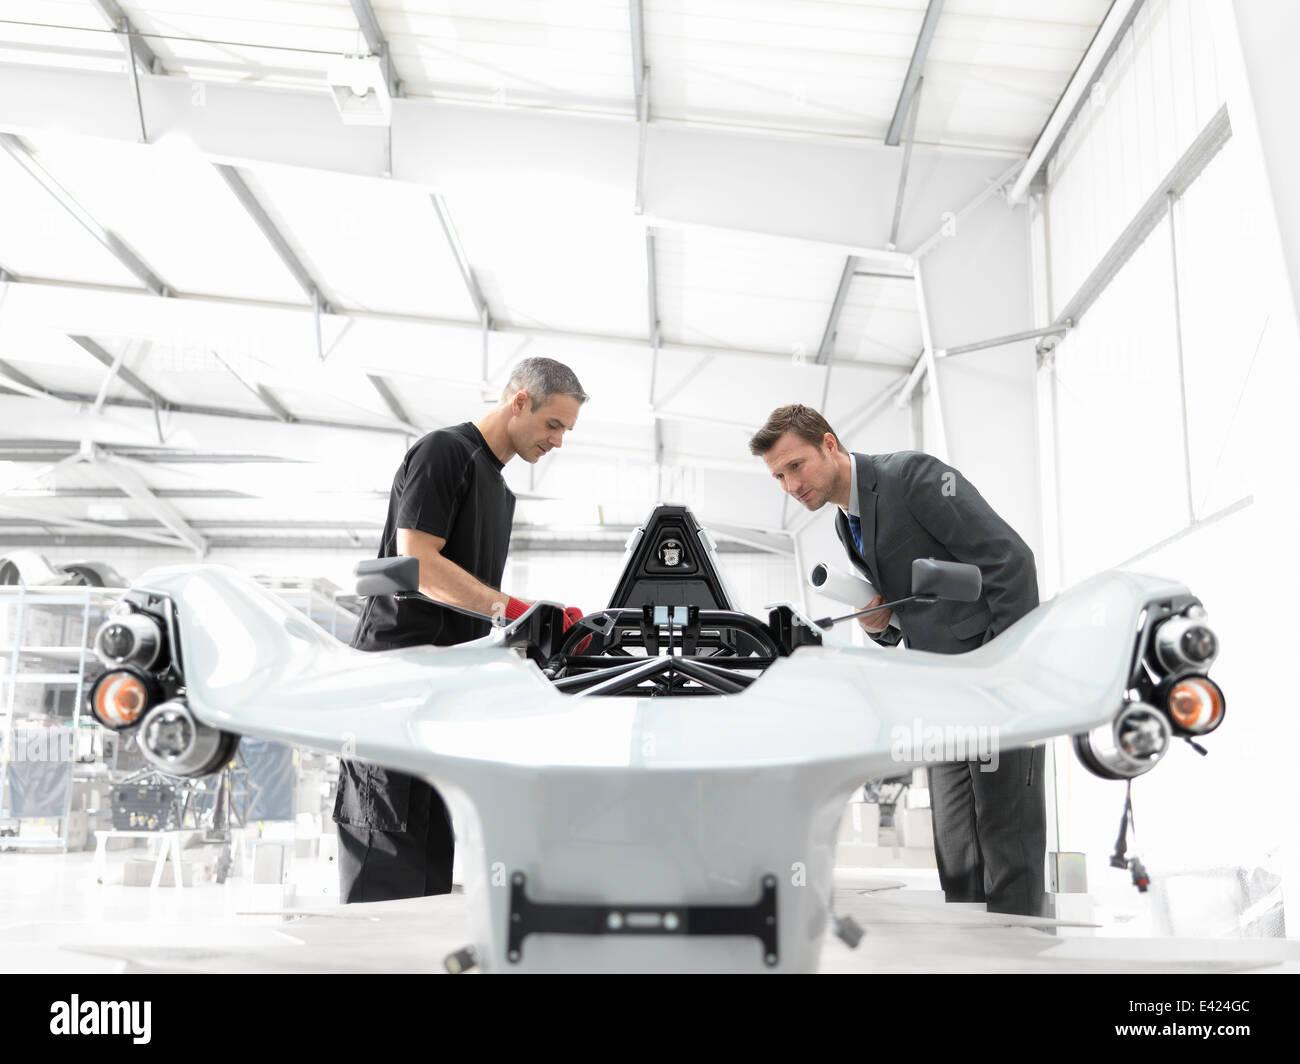 Ingegnere e designer automobilistico ispezione in parte costruito supercar in fabbrica di automobili Immagini Stock